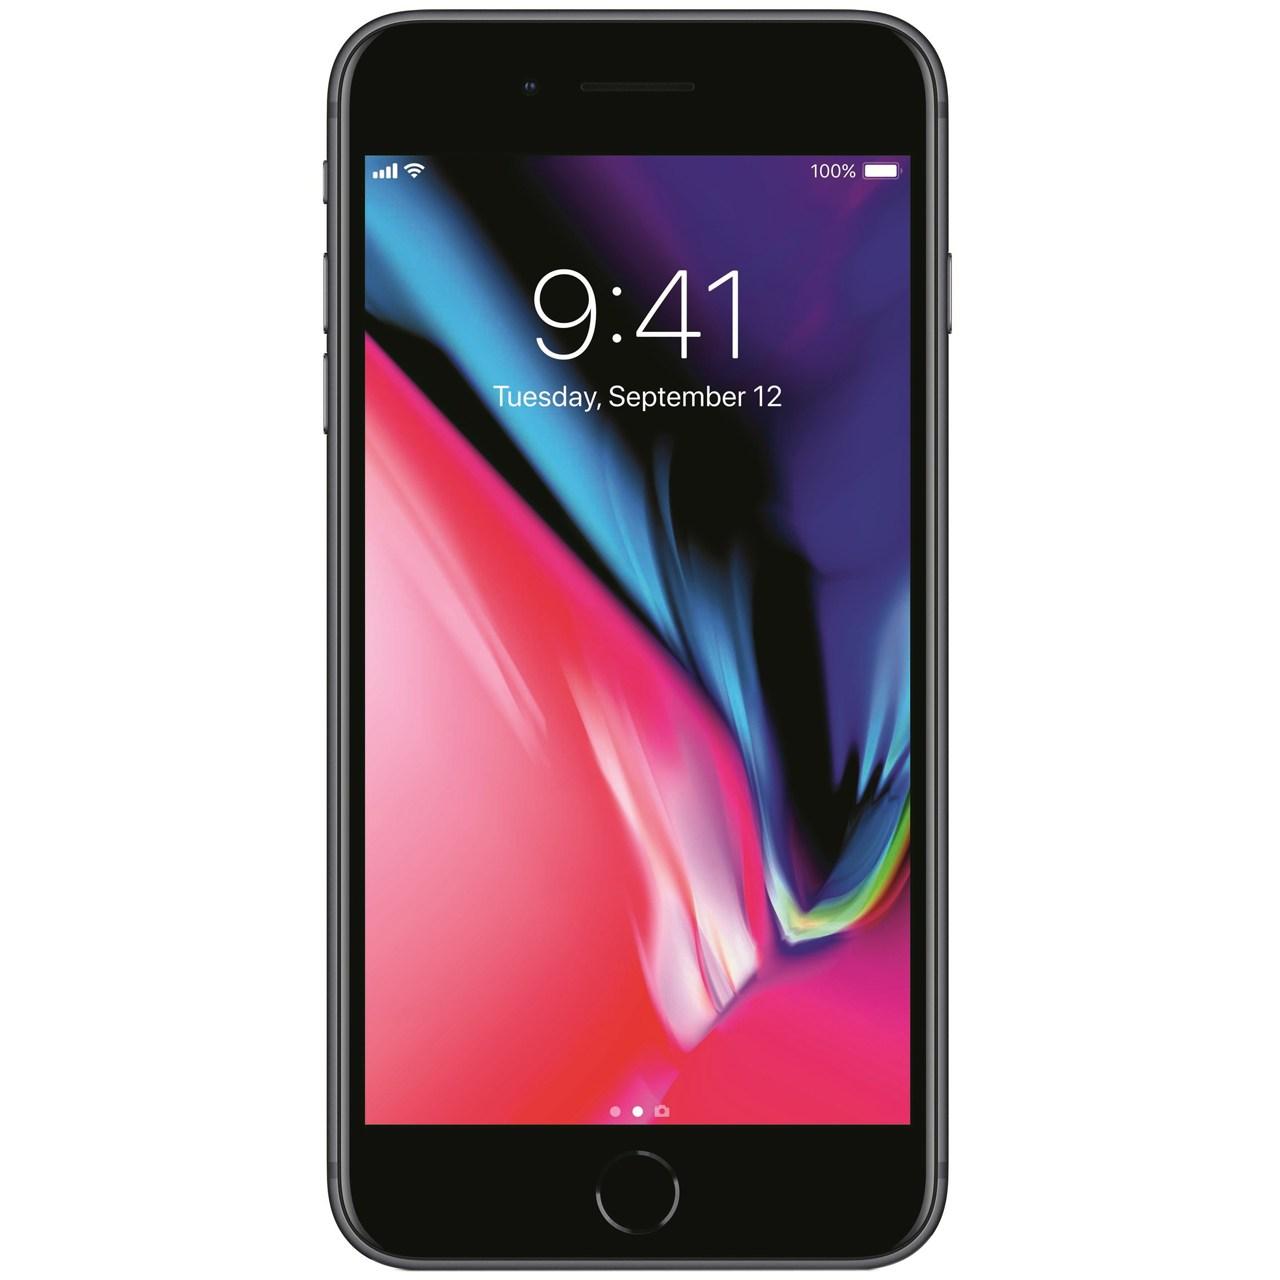 فروش اقساطی گوشی موبایل اپل مدل iPhone 8 Plus ظرفيت 256 گيگابايت